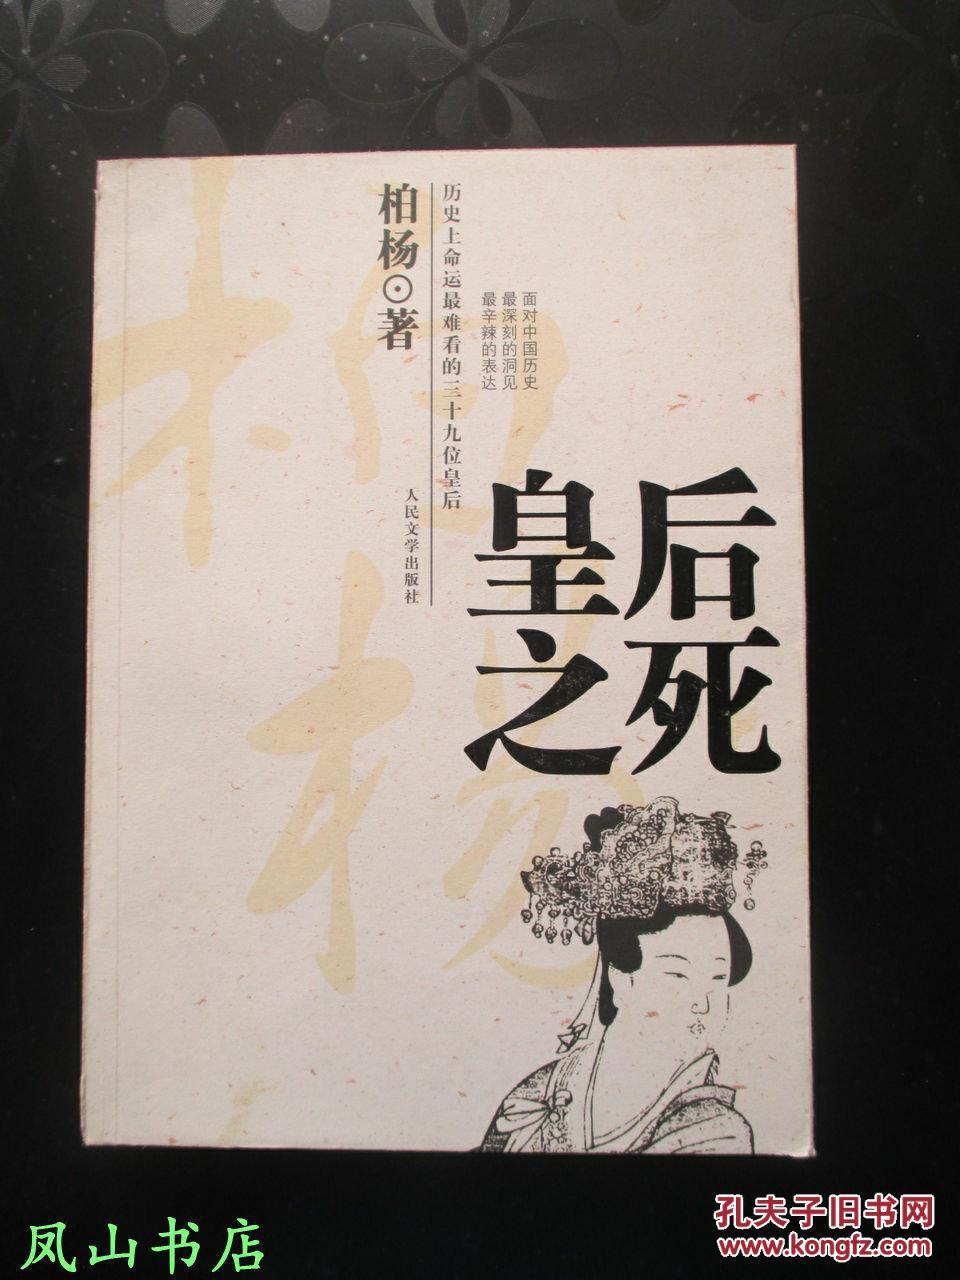 皇后之死(柏杨)全文阅读 皇后之死小说最新章节 天涯在线书库